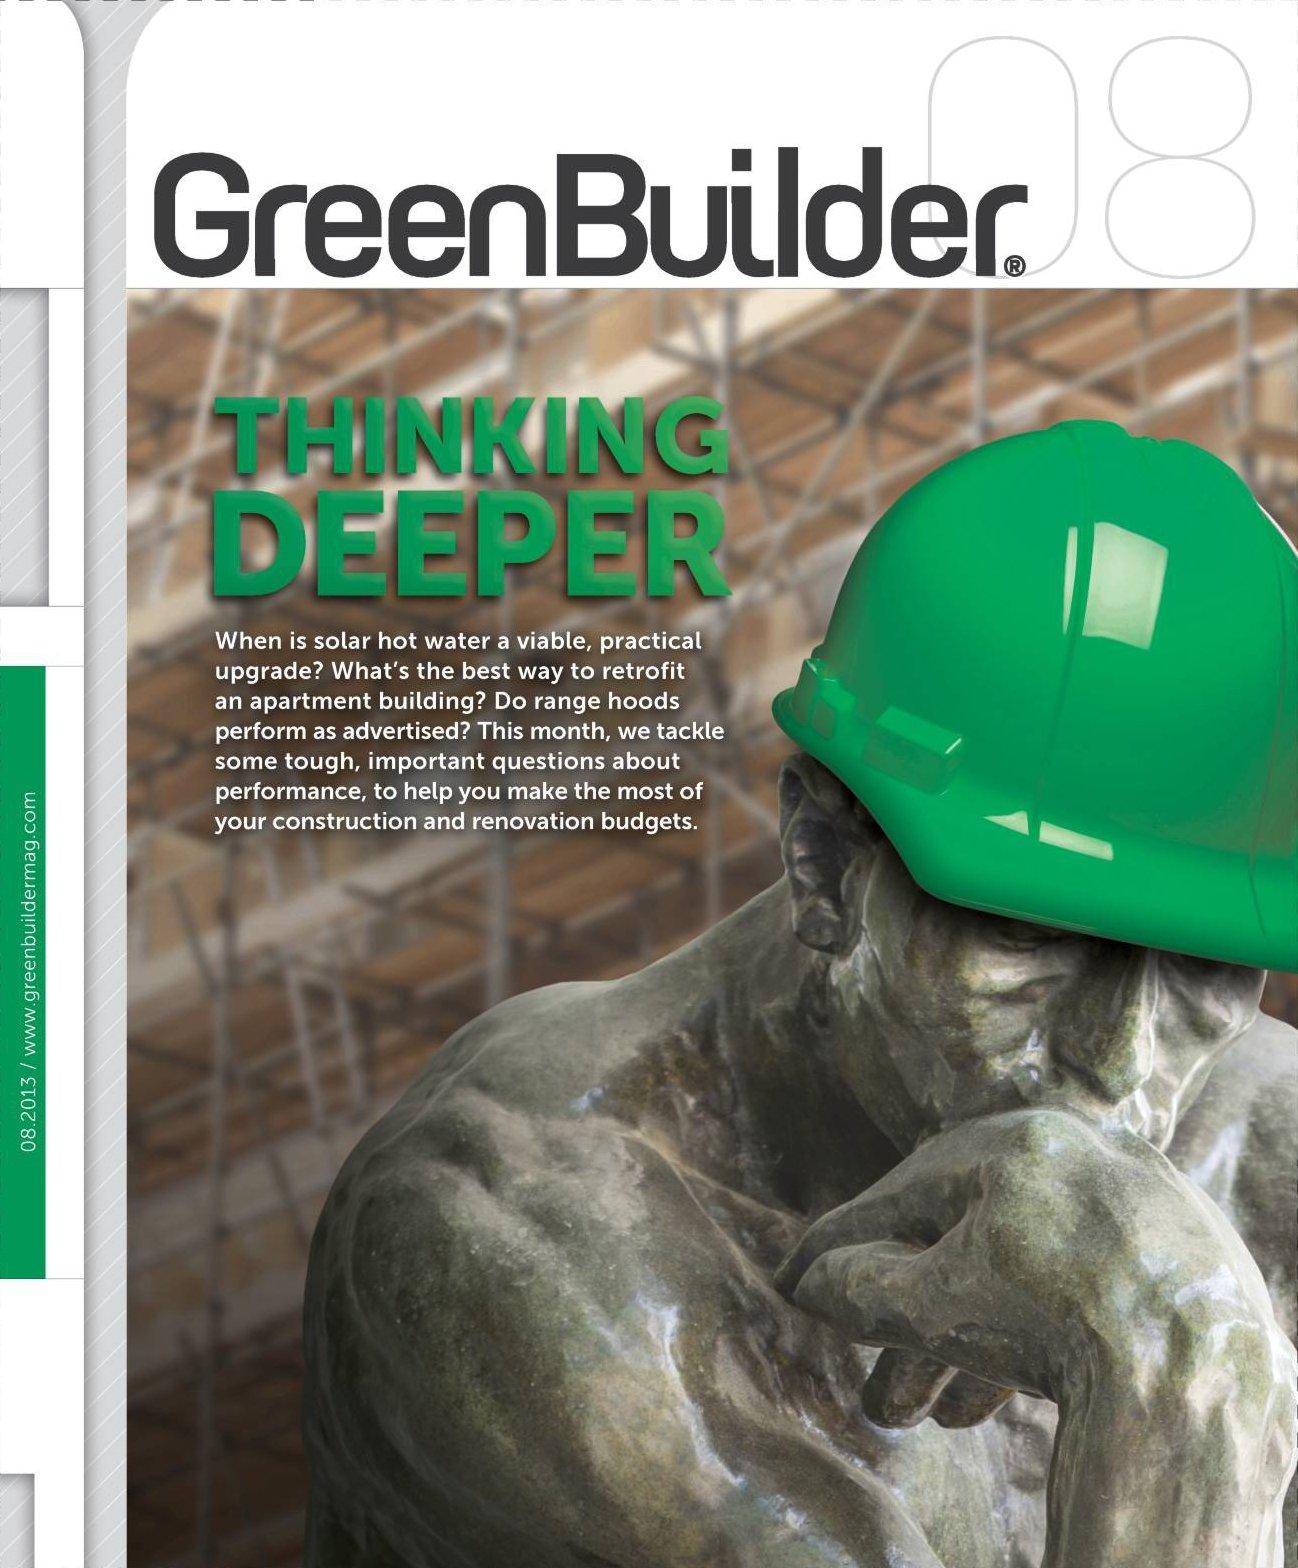 Green Builder Magazine - August 2013 ebook